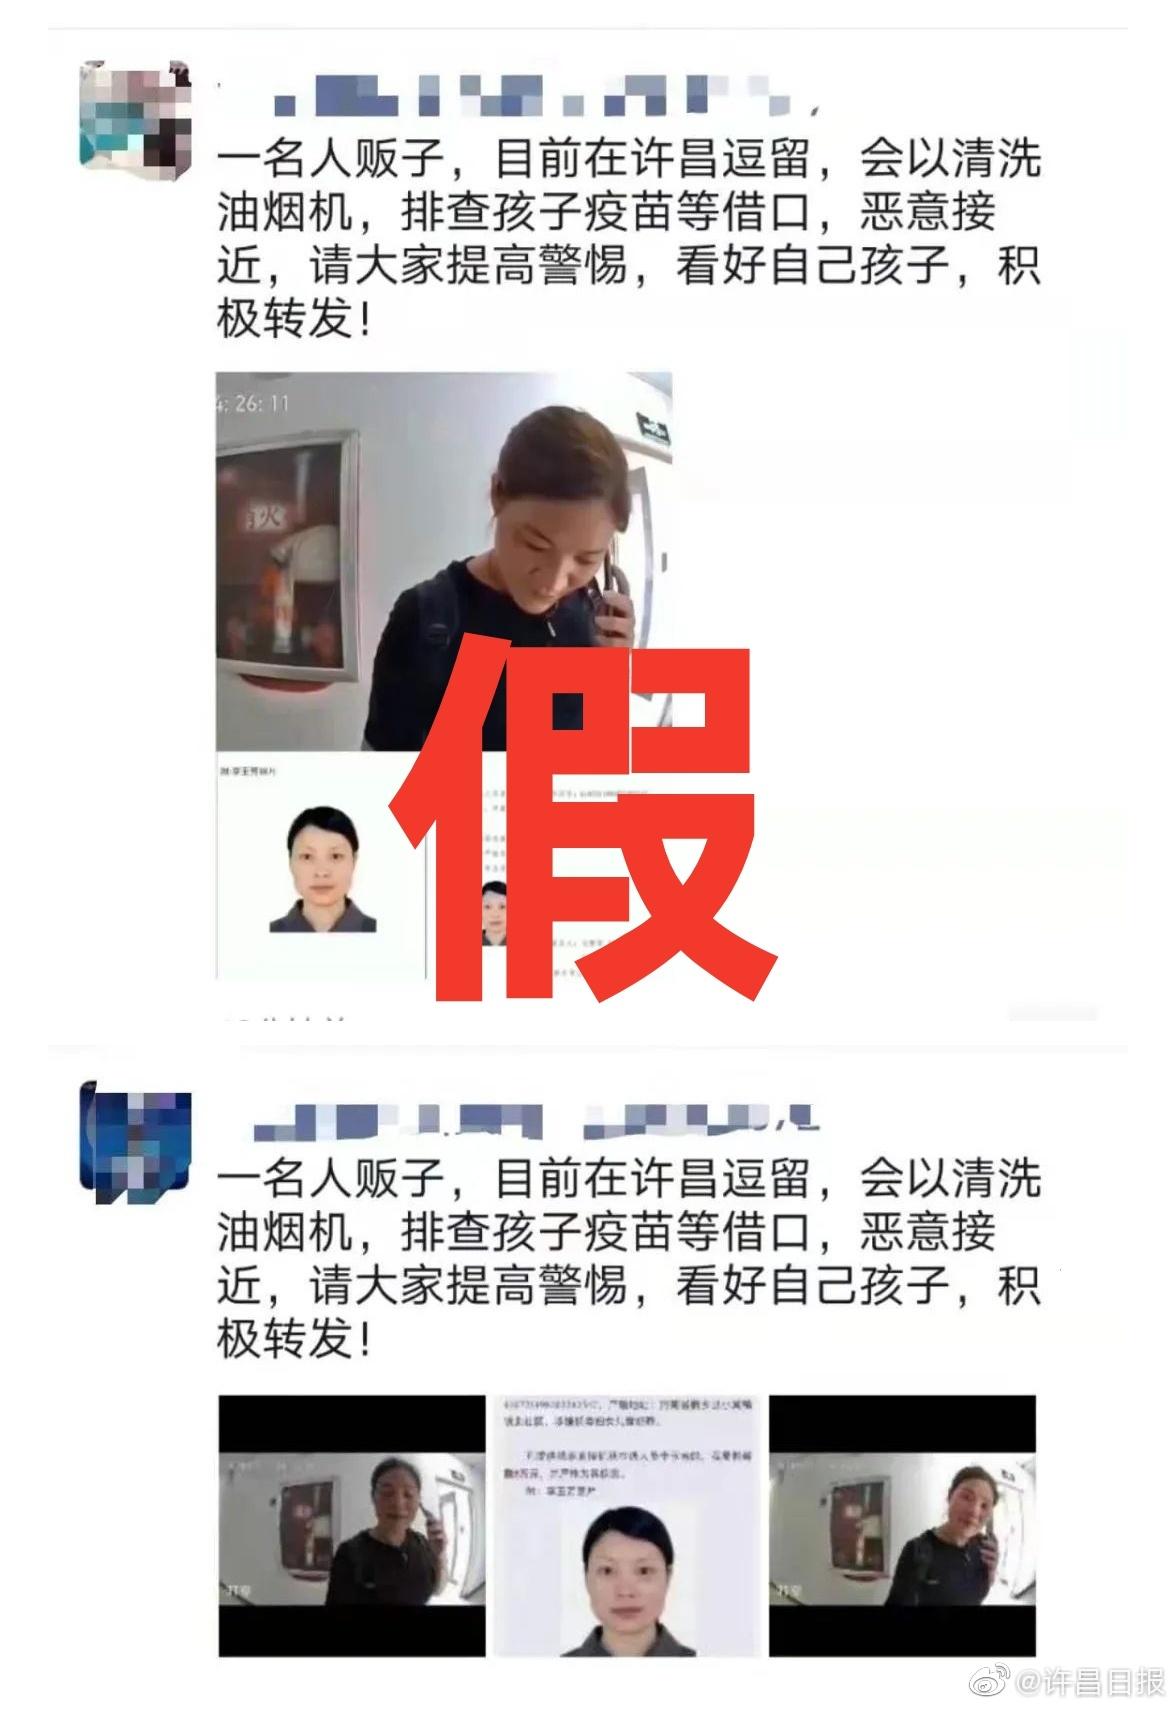 网传李玉芳以免费清洗油烟机偷小孩。 @许昌日报  图